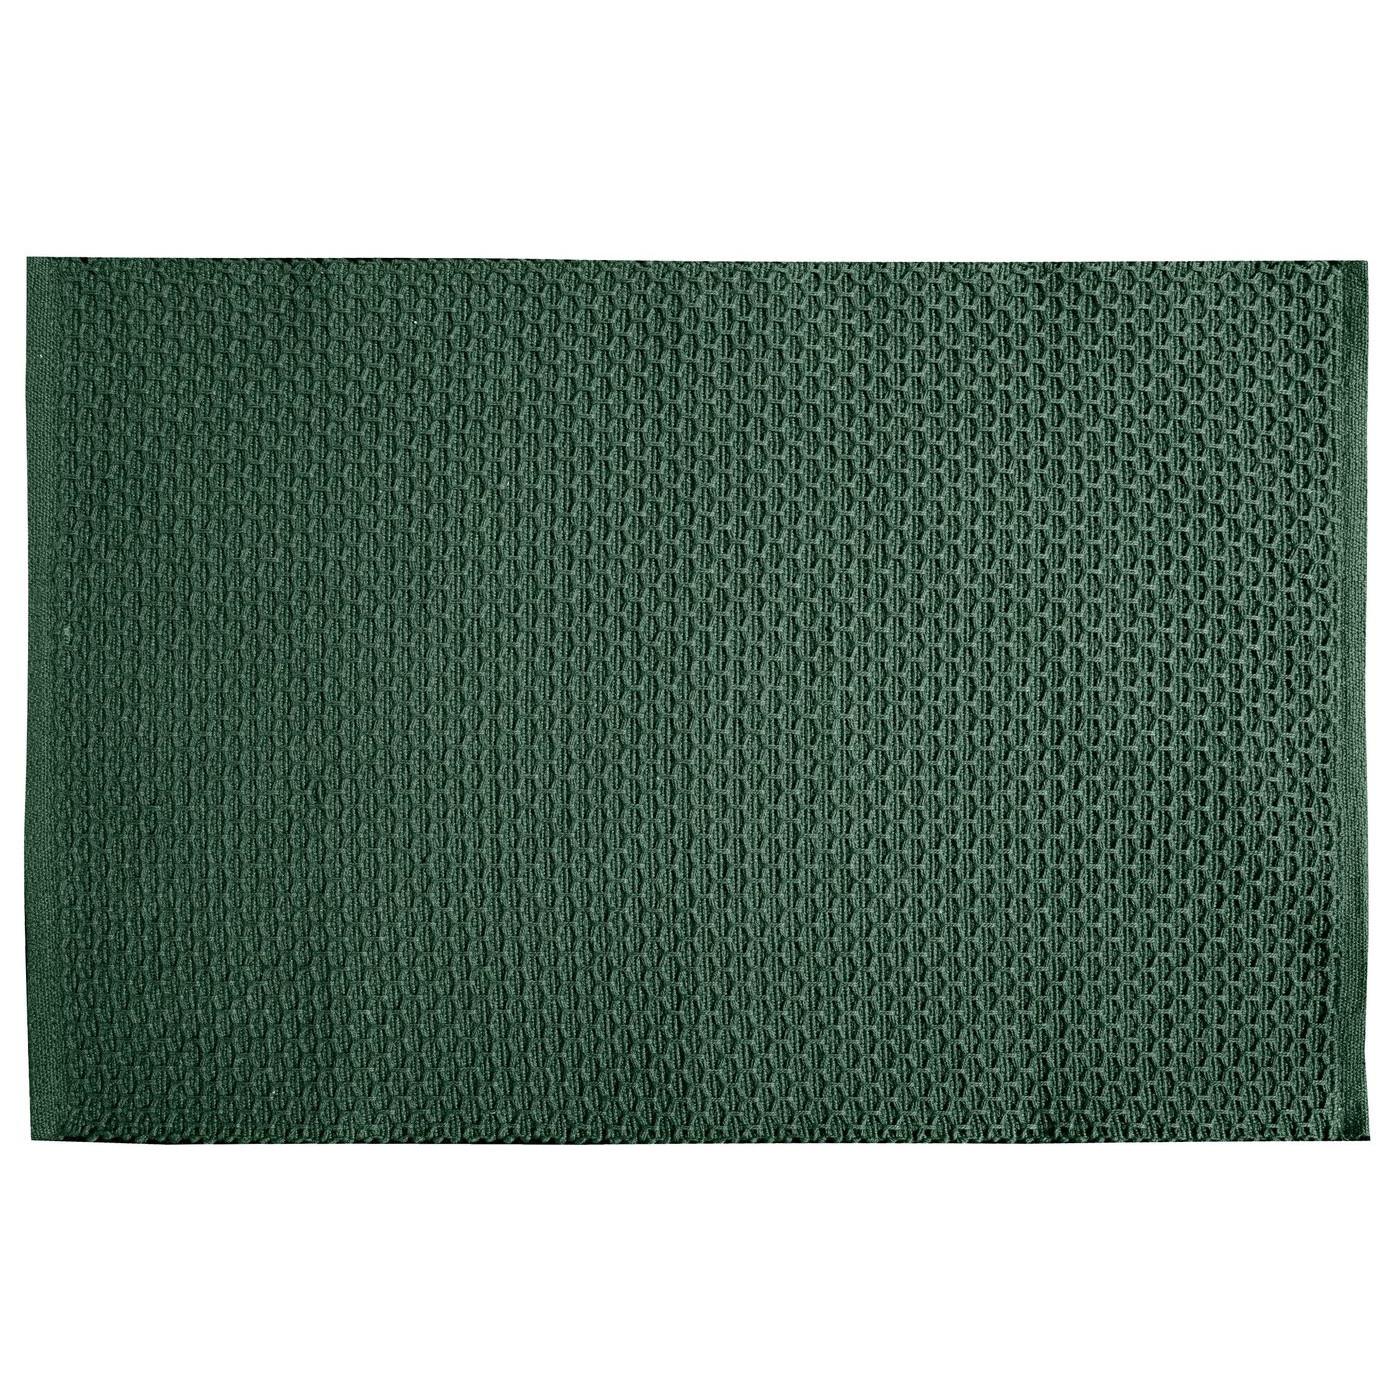 Jednokolorowa podkładka stołowa plaster miodu zielona 33x48 cm